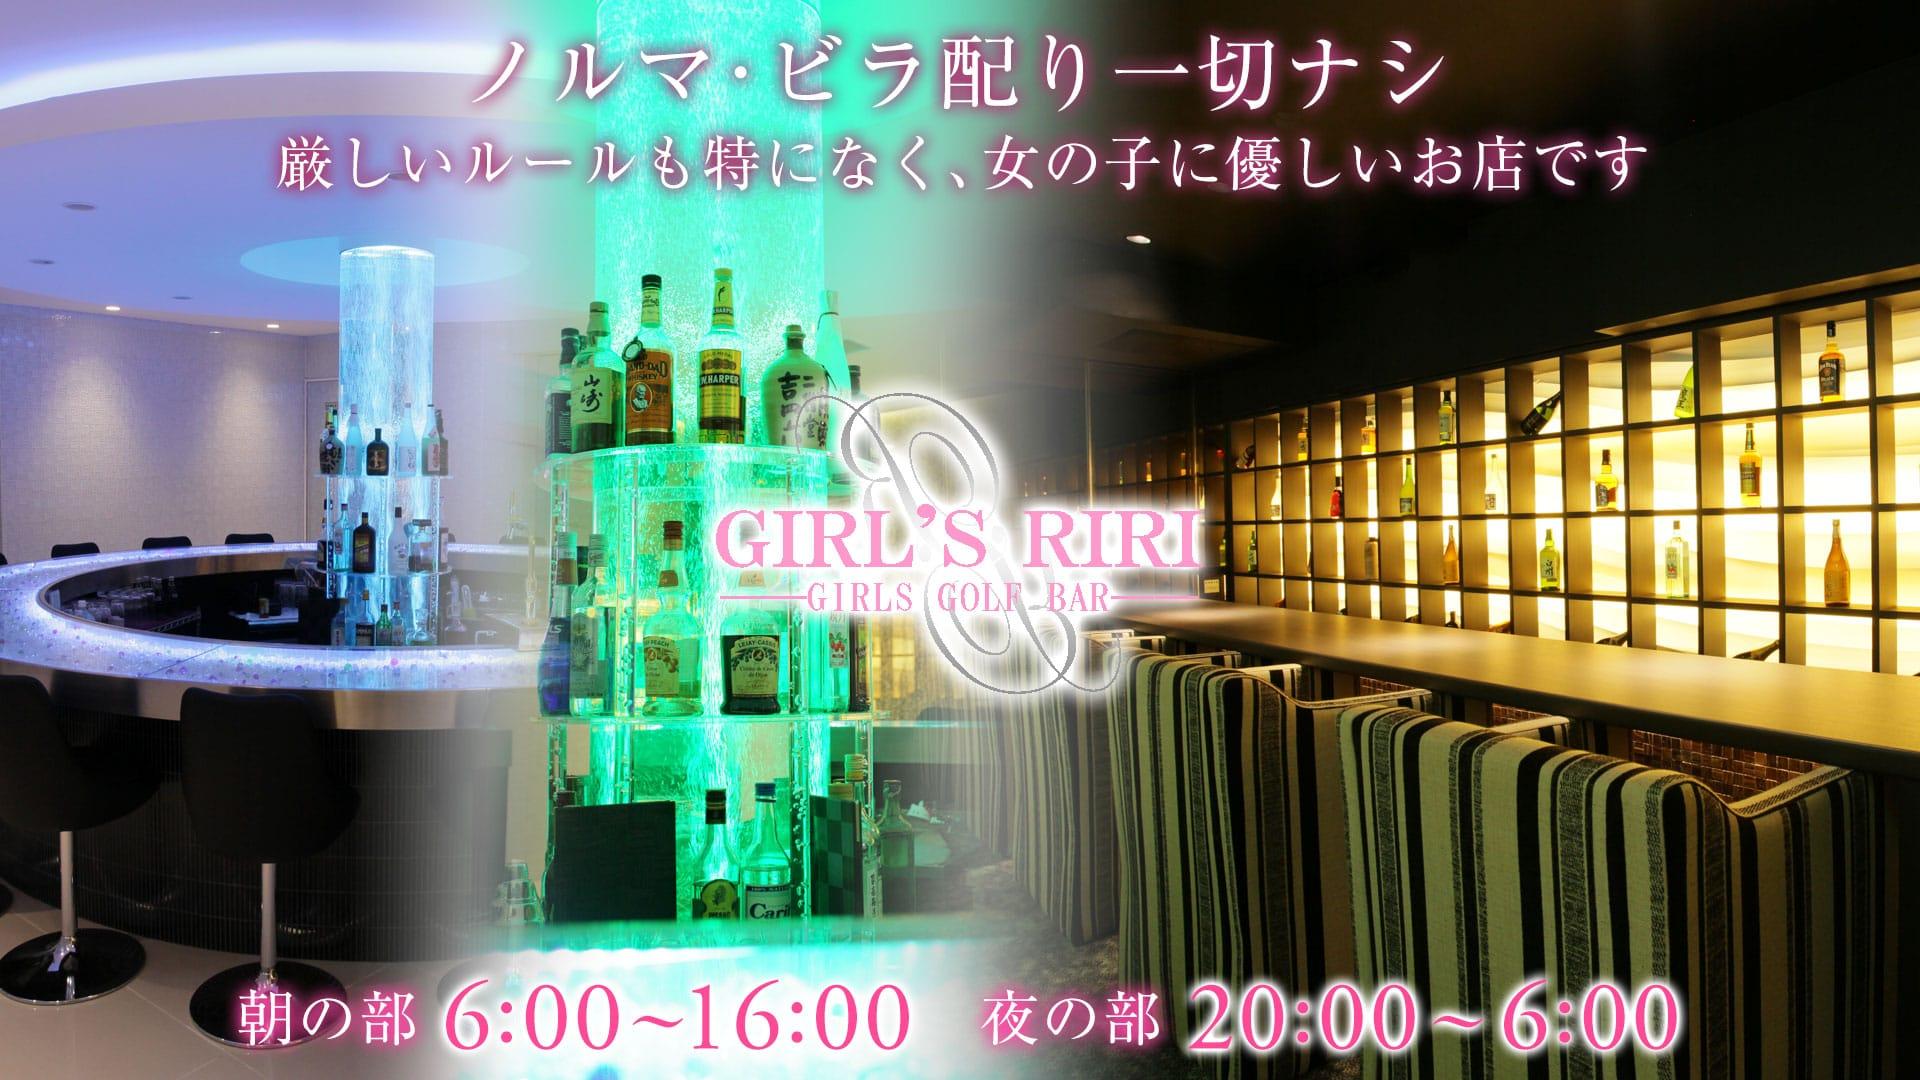 GIRL'S RIRI<ガールズリリ> 歌舞伎町 ガールズバー TOP画像